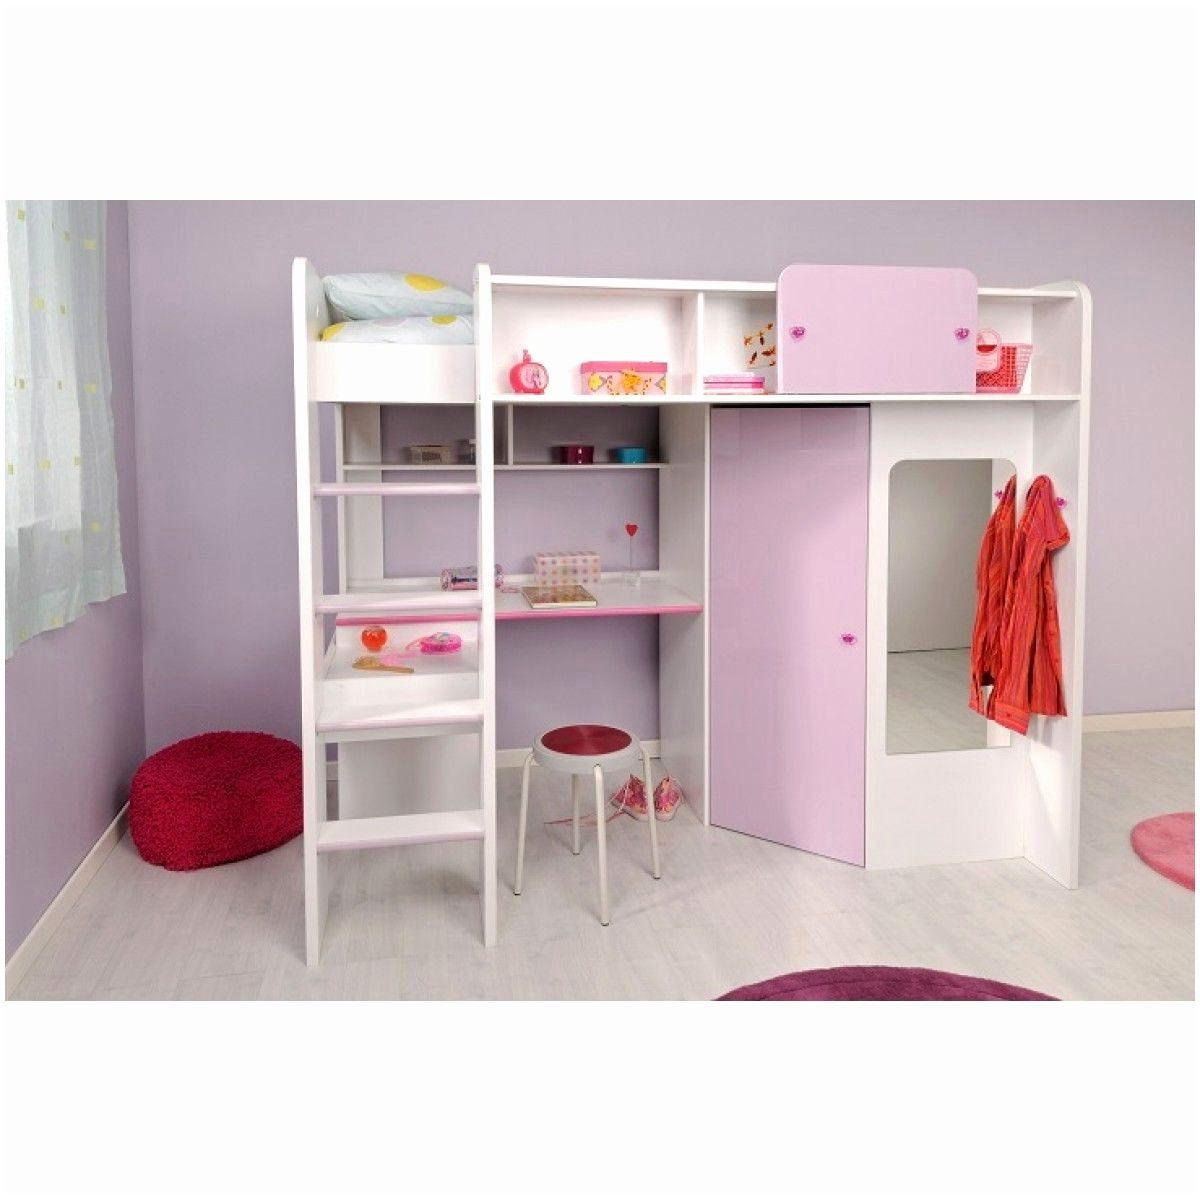 Lit Mezzanine Enfant Pas Cher Frais Lit Mi Haut Enfant Lit Mezzanine Design Lit Mezzanine Design Unique